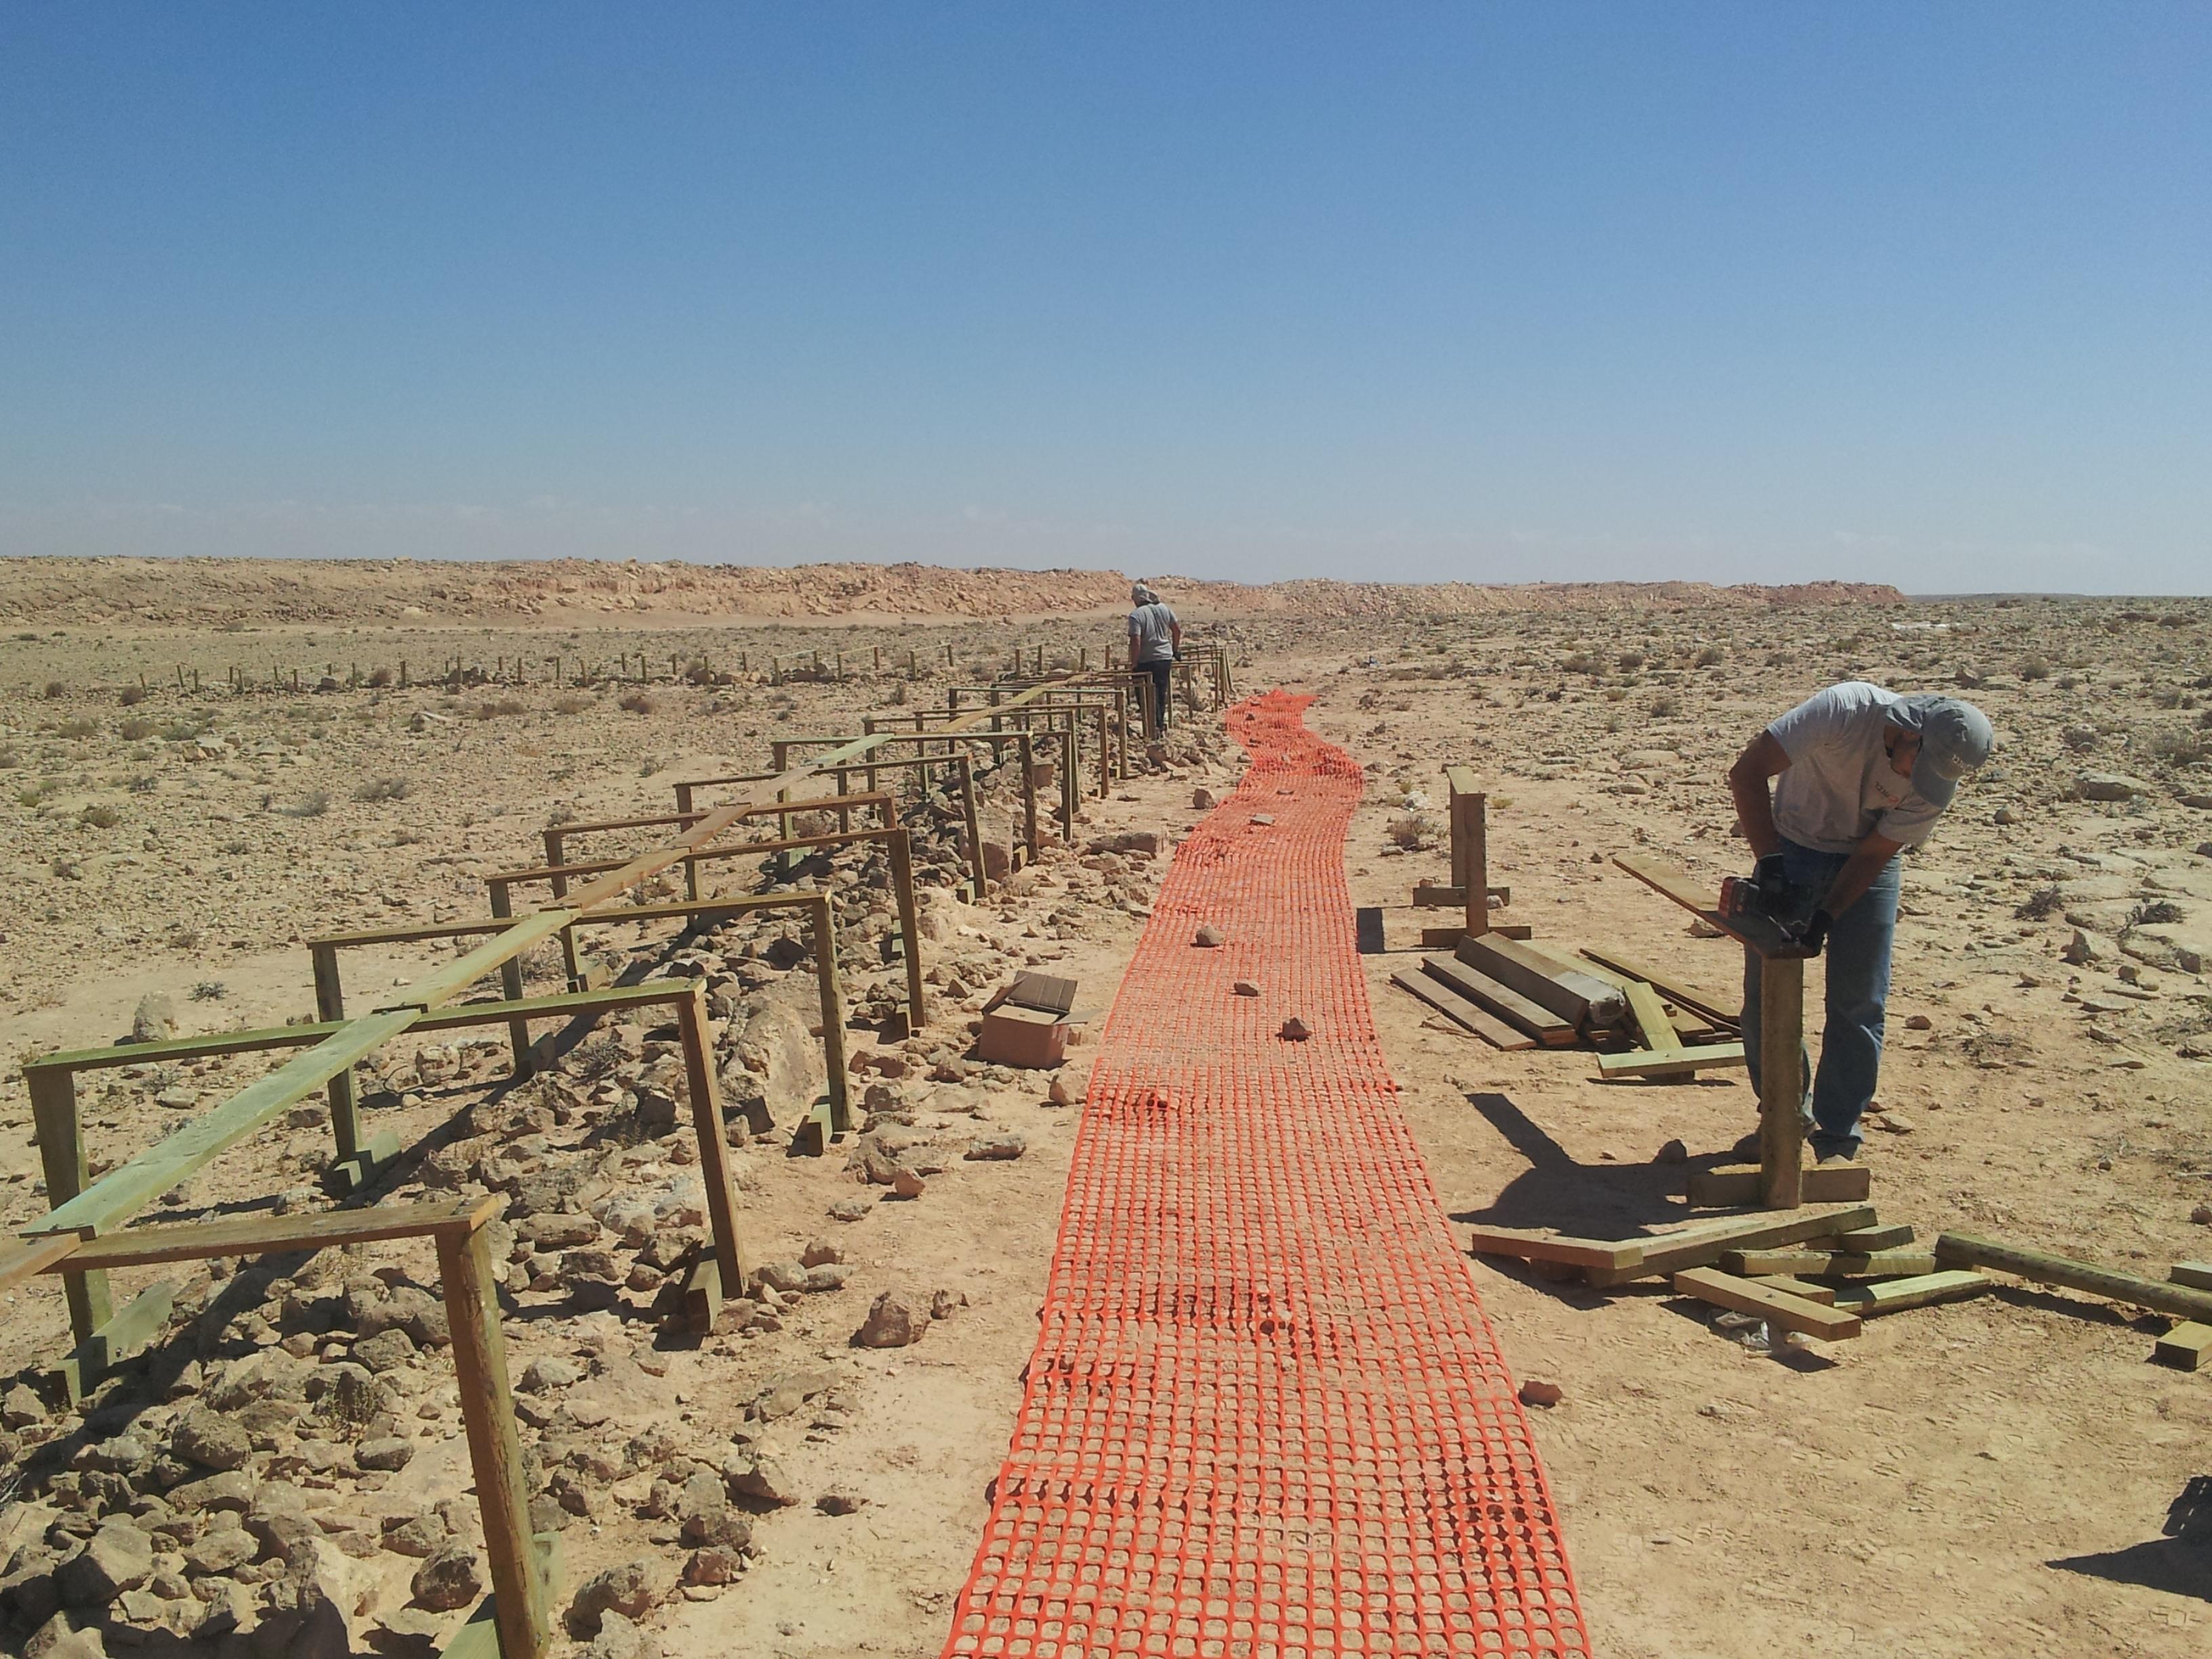 חיפוי אמת המים הנבטית באתר המערכת הסולארית הקרקעית במצפה רמון